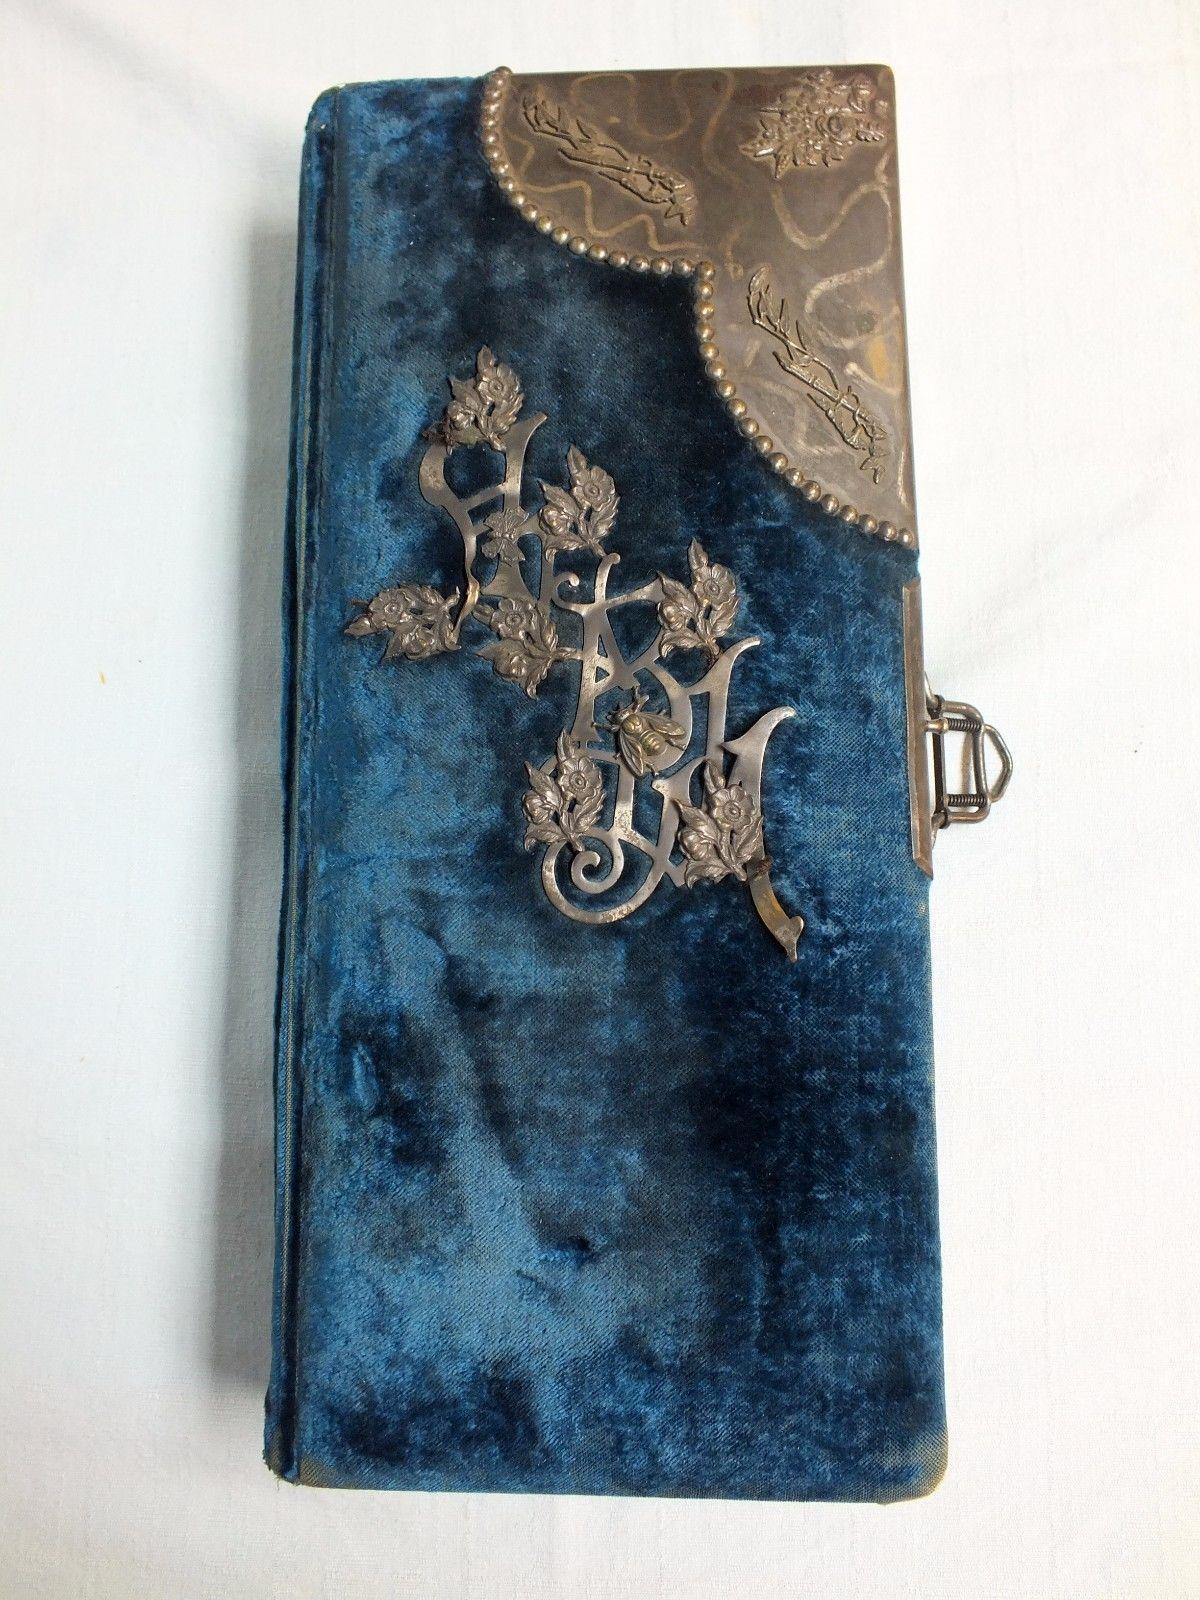 Antique Royal Blue Velvet Cabinet Photo Album Metal Decorations No Photos | eBay